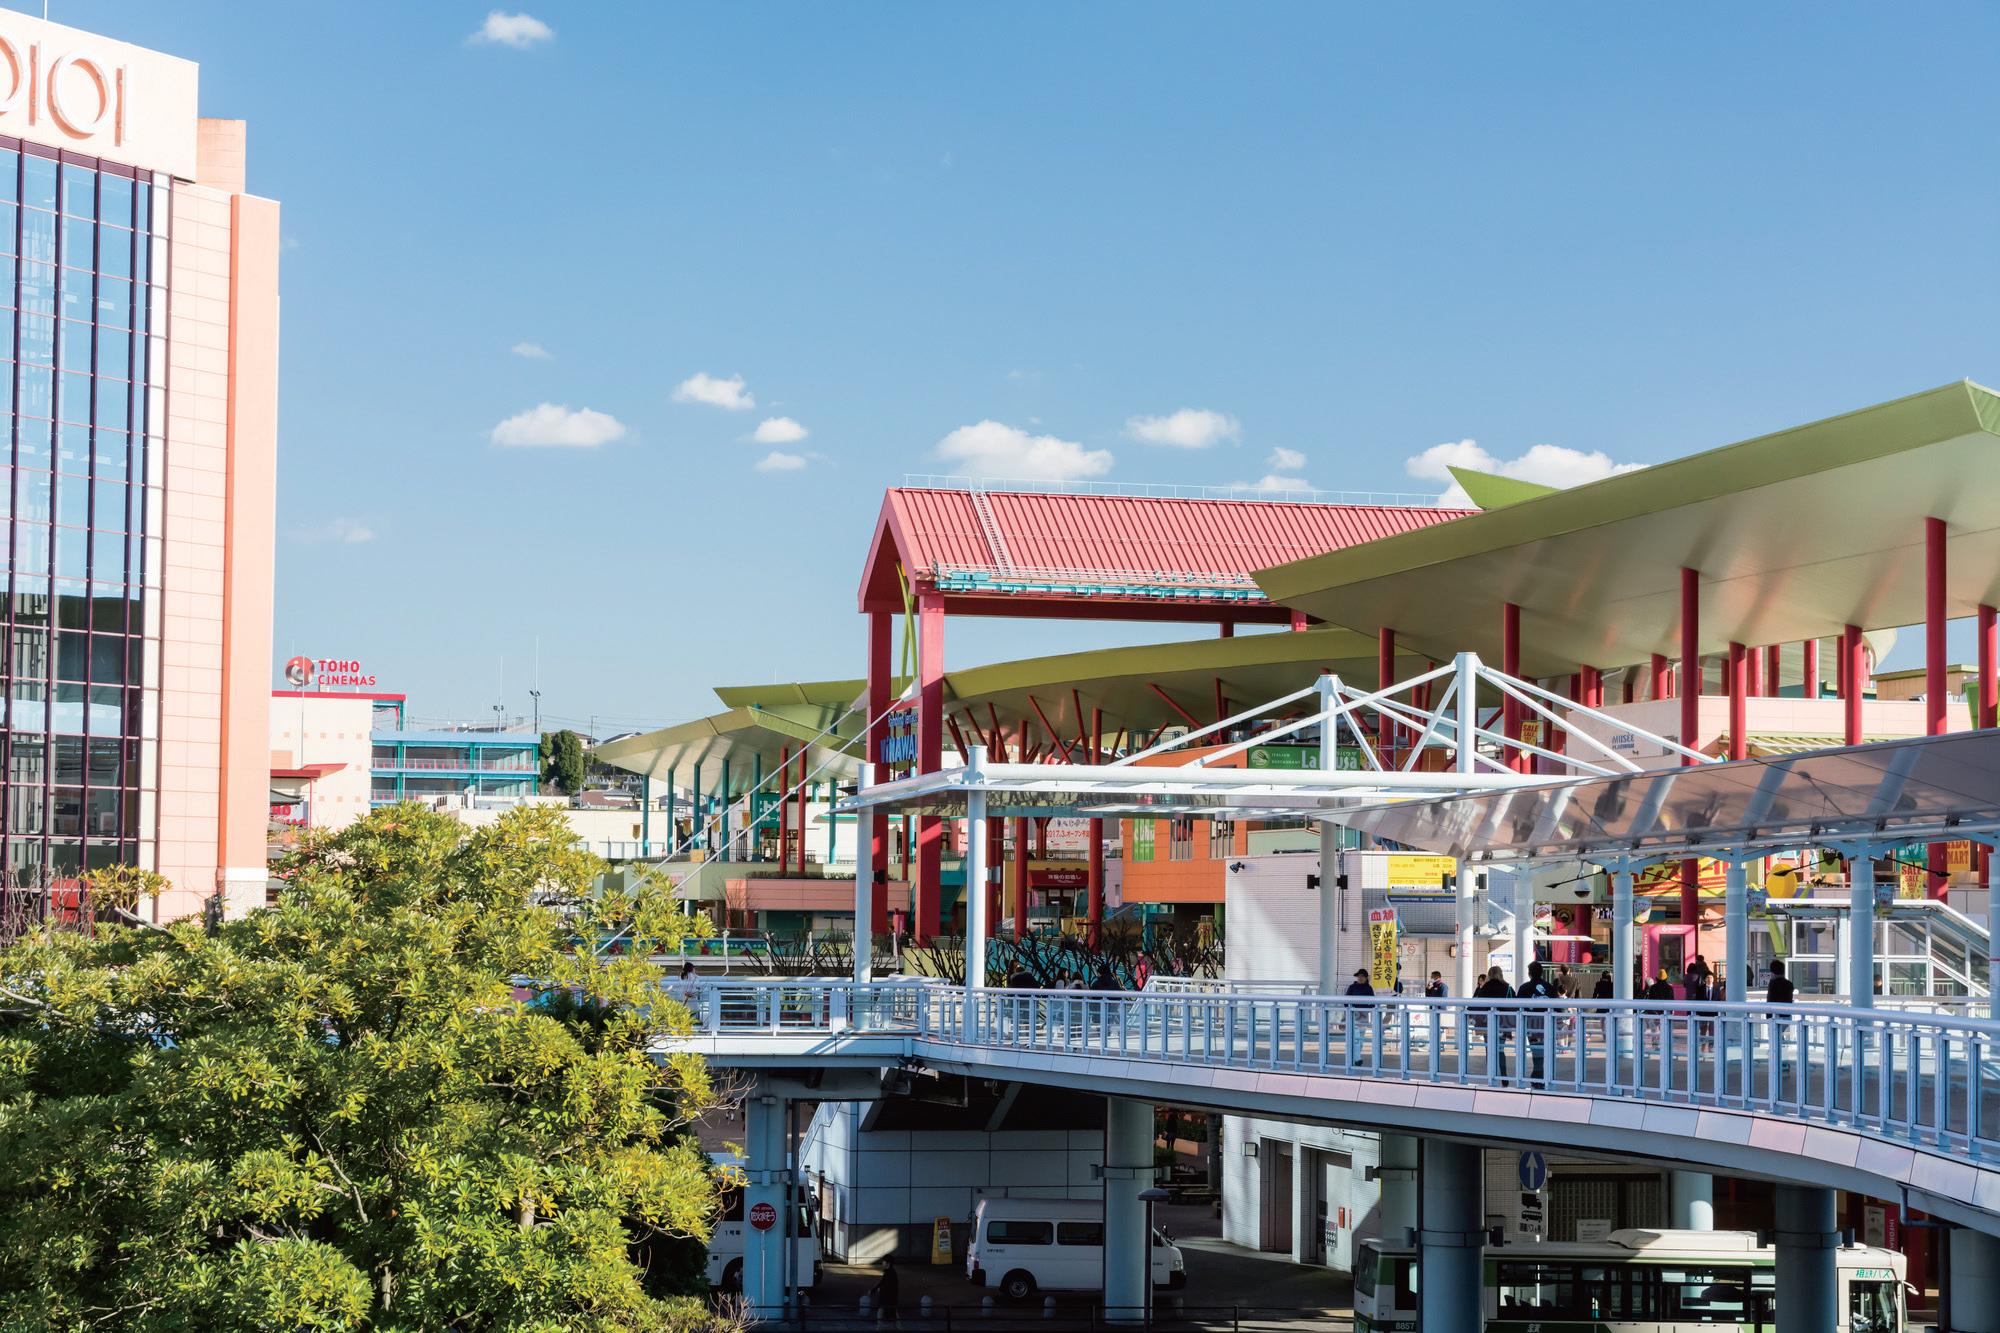 海老名駅周辺の「ビナウォーク」